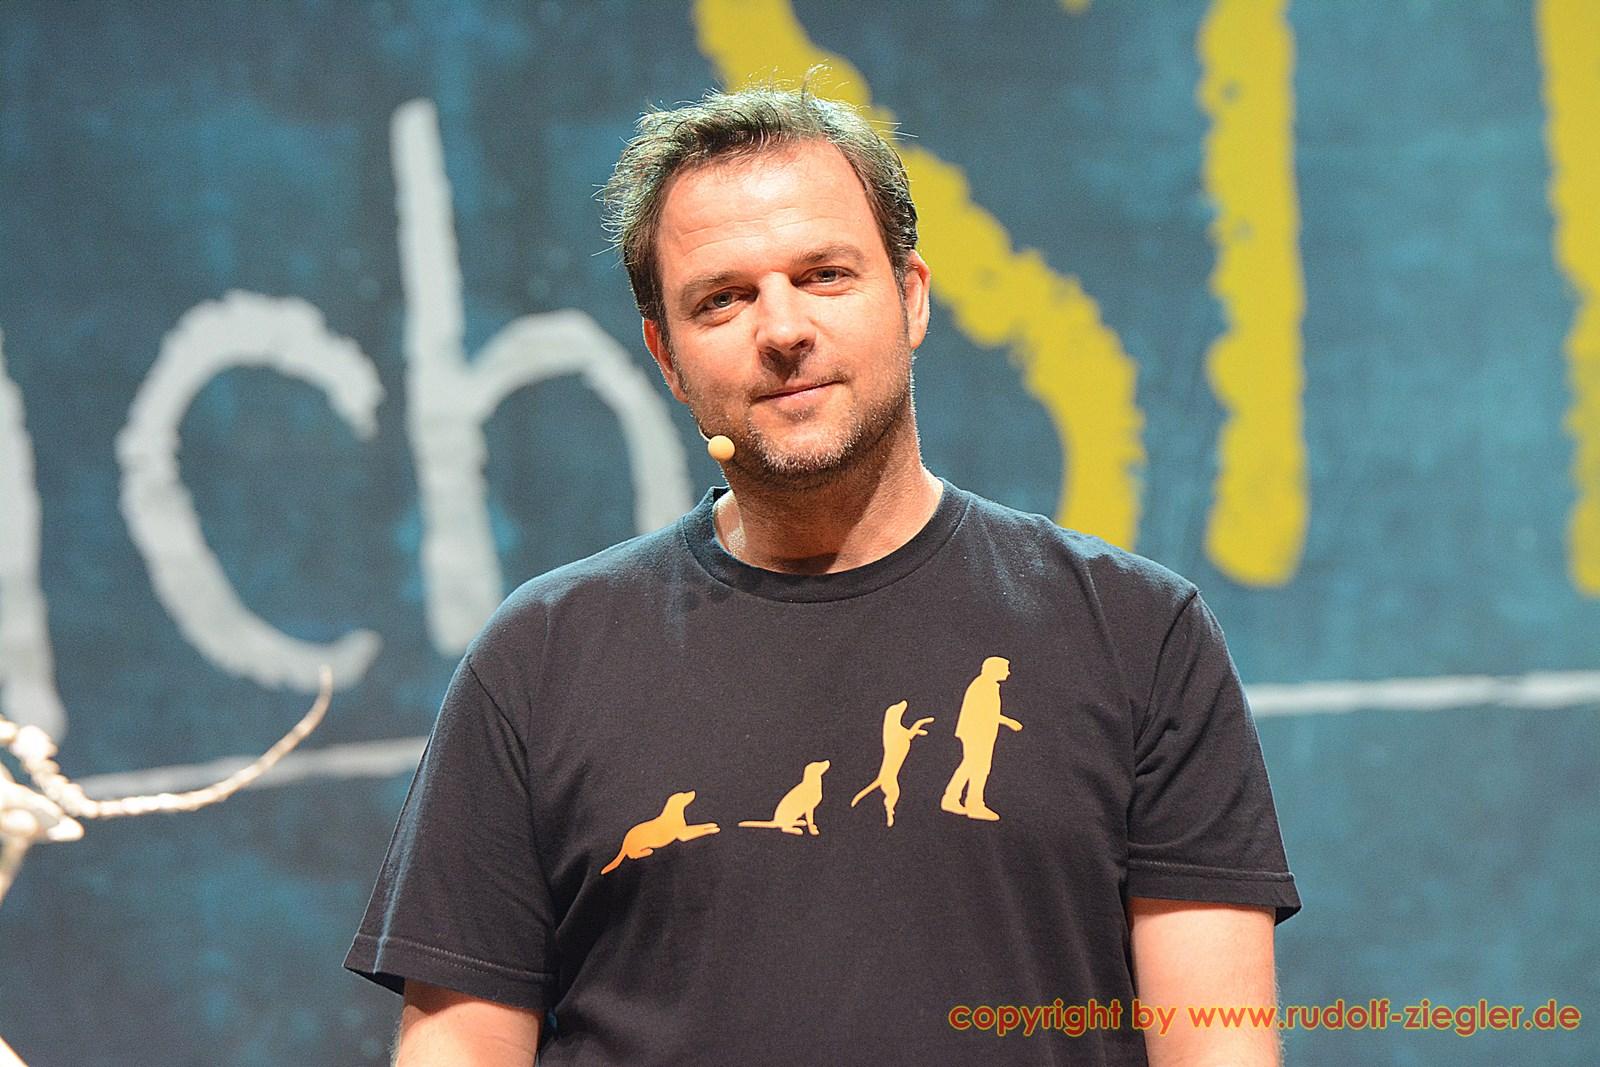 Martin Rütter - nachSITZen 014-S (1600x1200)